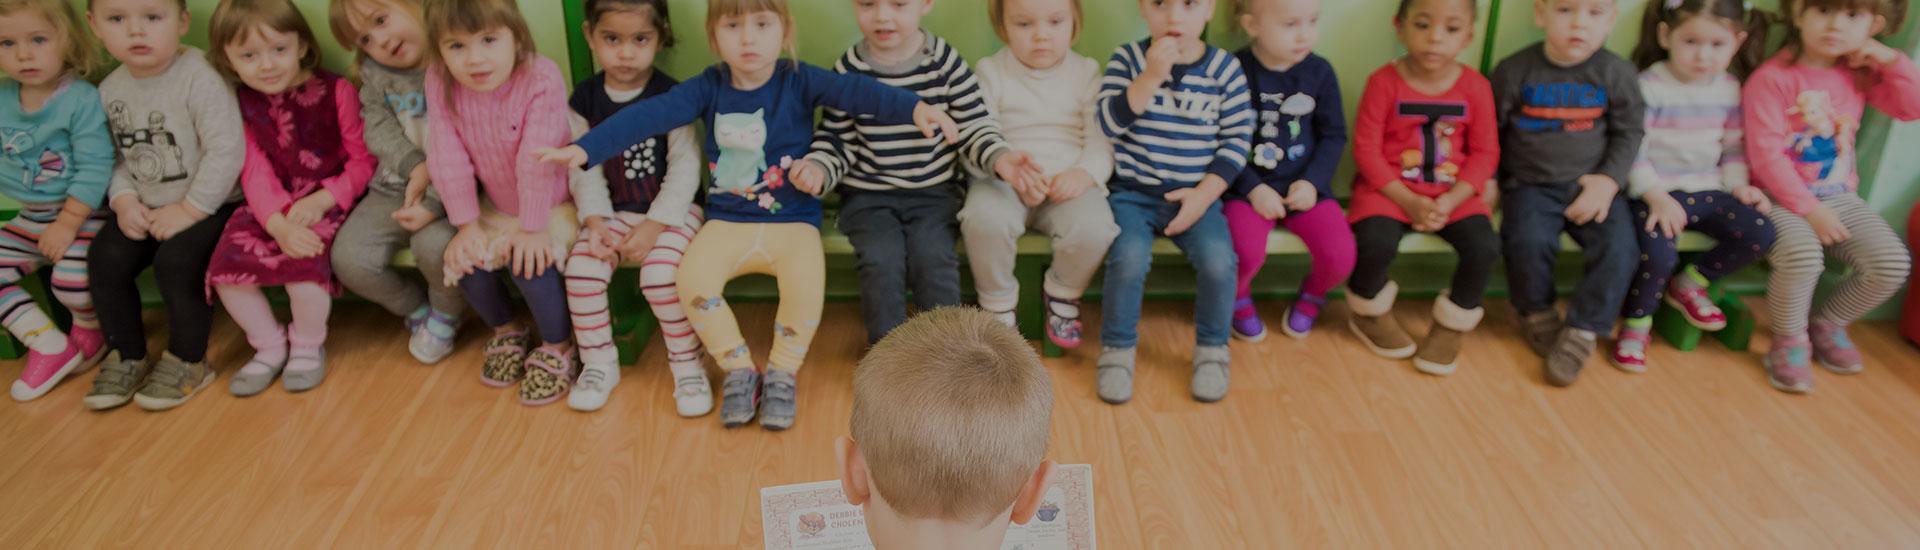 Little Scholars Childcare Center - Director's Letter